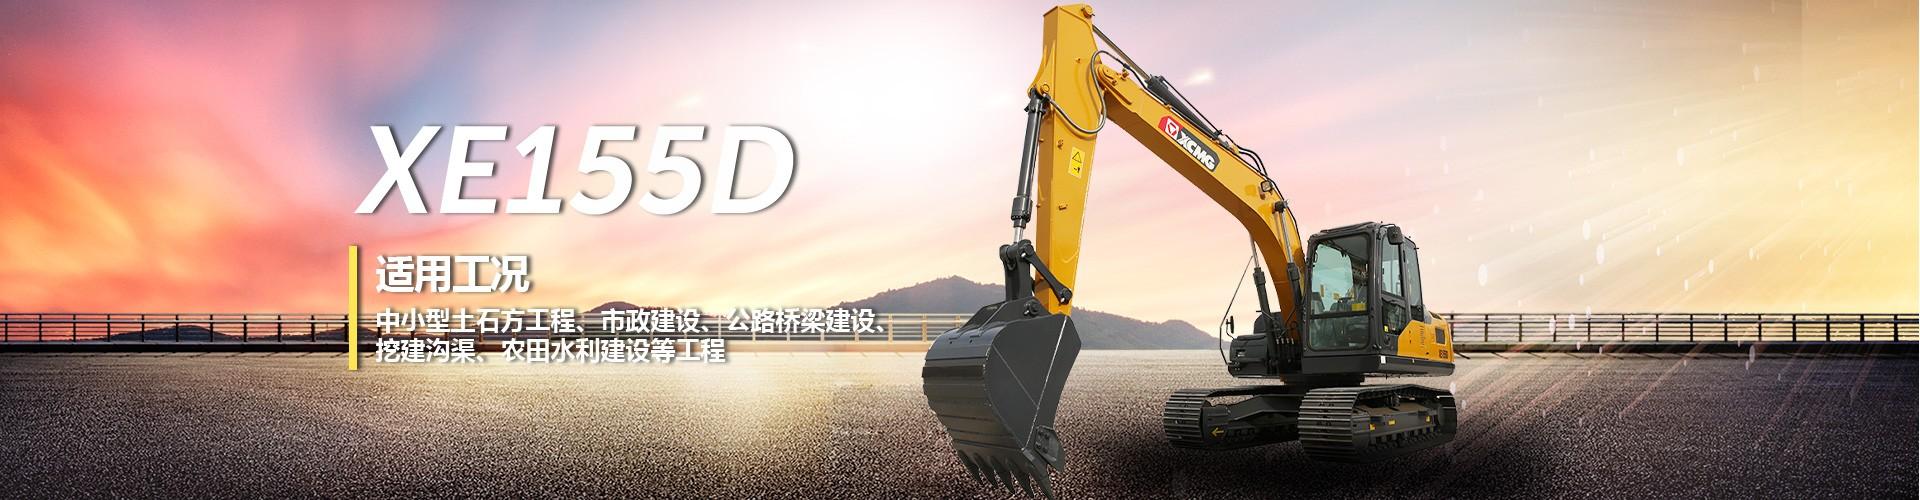 XE155D